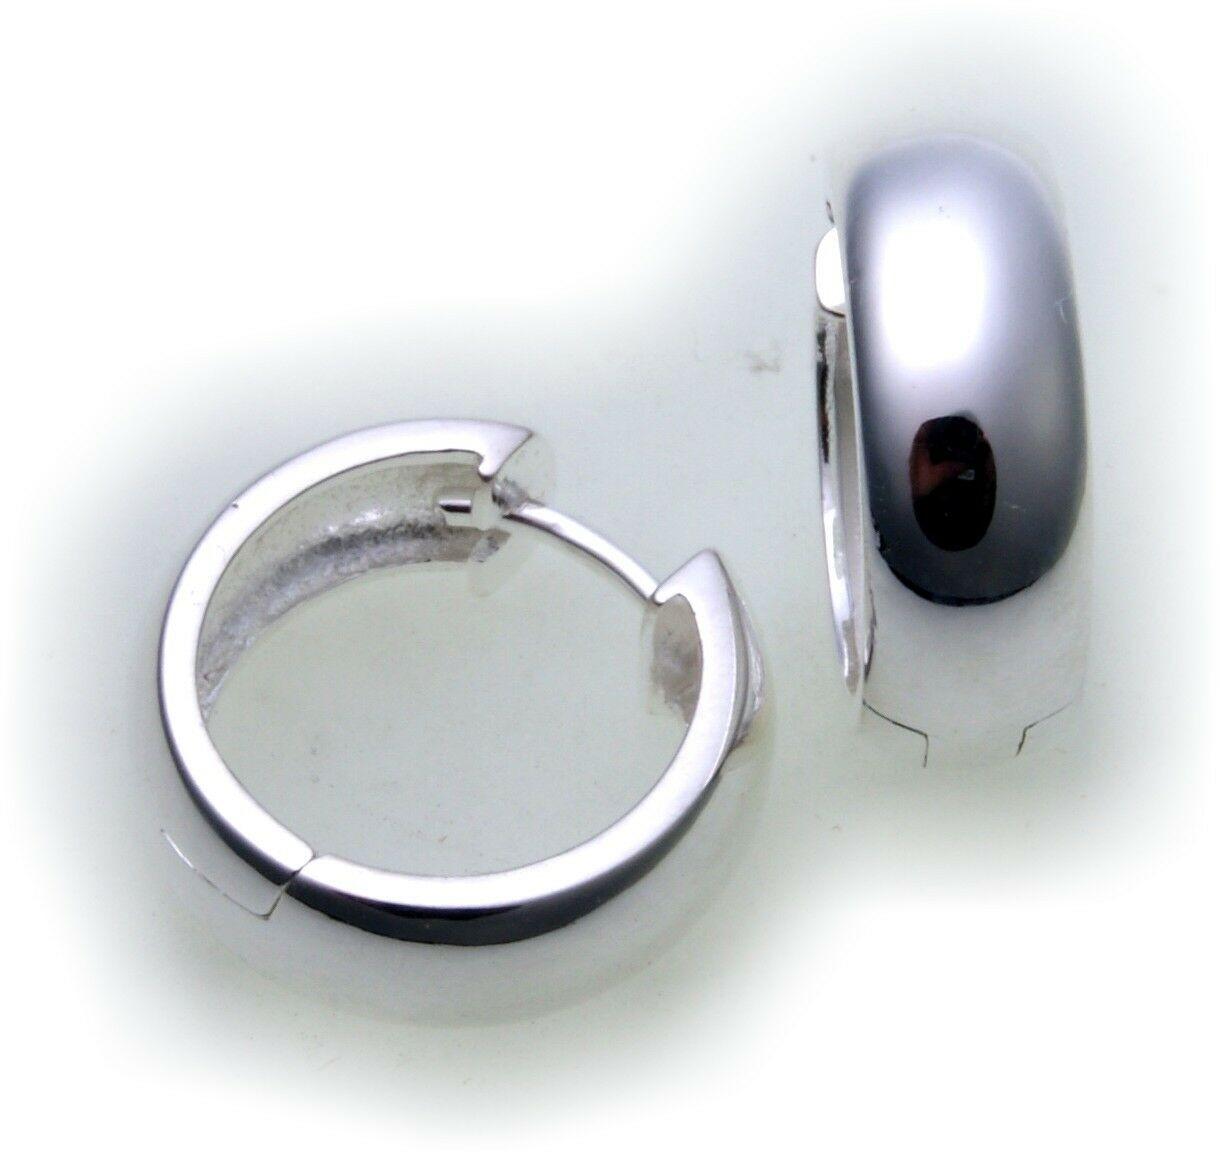 Top Ohrringe Klapp Creolen echt Silber 925 Sterlingsilber 16 mm Klappcreolen Neu